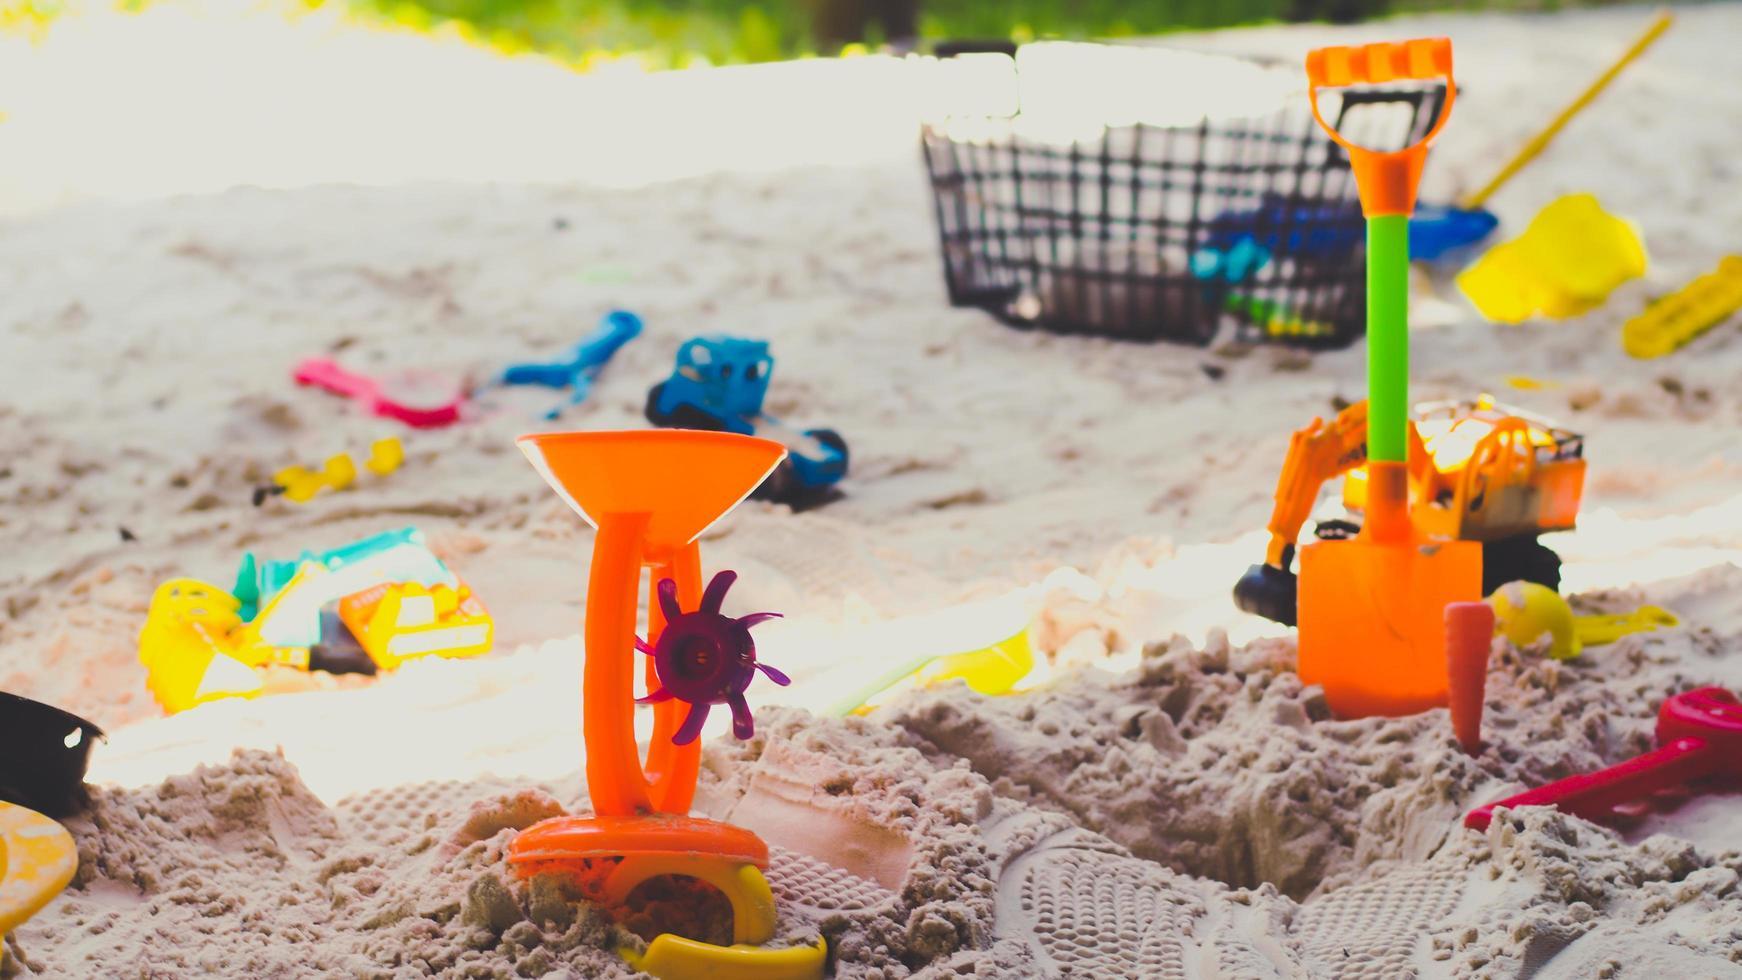 zand en speelgoed zomer achtergrond foto